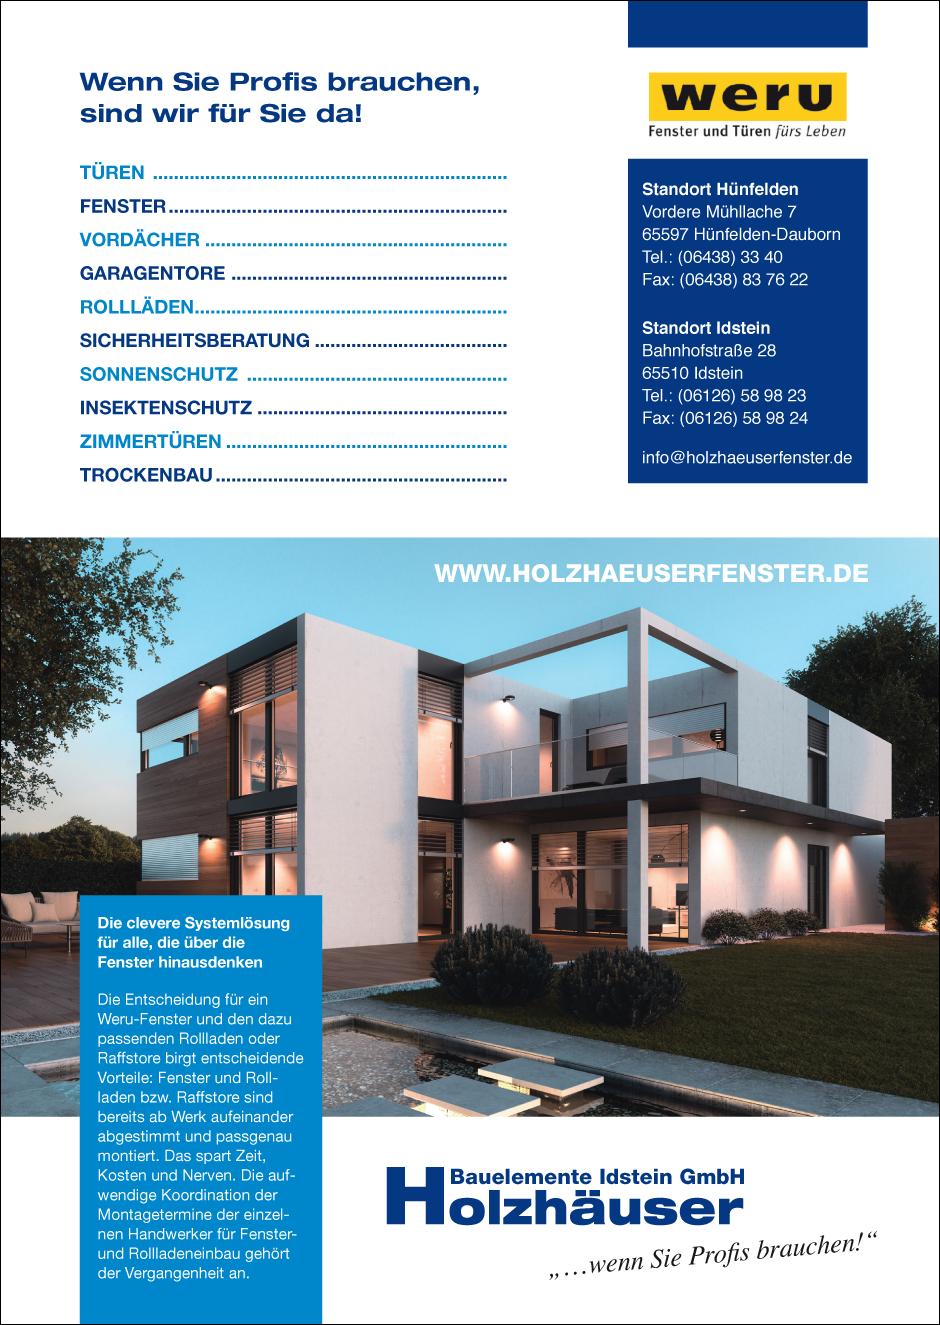 Holzhäuser Bauelemente GmbH